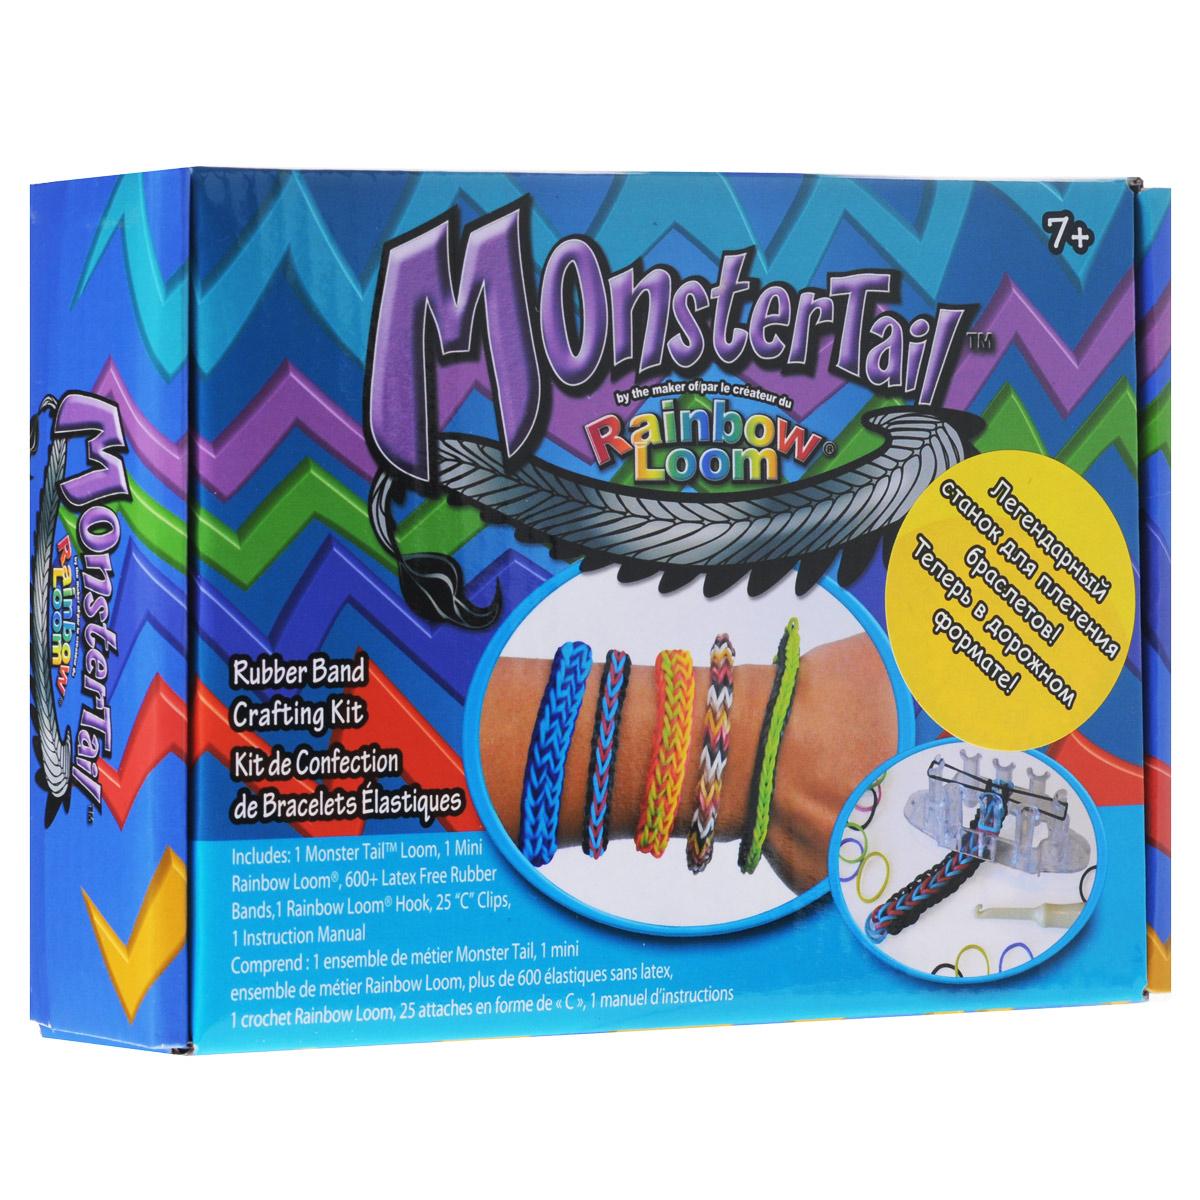 Набор для плетения браслетов Rainbow Loom Monster TailT1000(611)Набор для плетения браслетов из резиночек Rainbow Loom Monster Tail с компактным станком - это уникальный набор для детского творчества, с помощью которого ребенок сможет самостоятельно создать множество различных украшений: браслетов, колечек, подвесок и многое другое. В наборе девочка найдет все необходимое для того, чтобы создать свое уникальное украшение: станок Monster Tail, мини-станок Rainbow Loom, 600 безлатексных резиночек разных цветов, крючок Rainbow Loom, 25 с-клипс и подробную иллюстрированную инструкцию на русском языке. Следуя инструкции и надевая резиночки на станок, девочка шаг за шагом будет создавать свое неповторимое украшение, которое дополнит ее образ, сделает ее стильной и современной. Набор очень компактен; его удобно брать с собой в дорогу, веди он не занимает много места. Наборы для творчества Rainbow Loom призваны развивать фантазию и воображение ребенка, они тренируют мелкую моторику, учат быть внимательными и терпеливыми,...